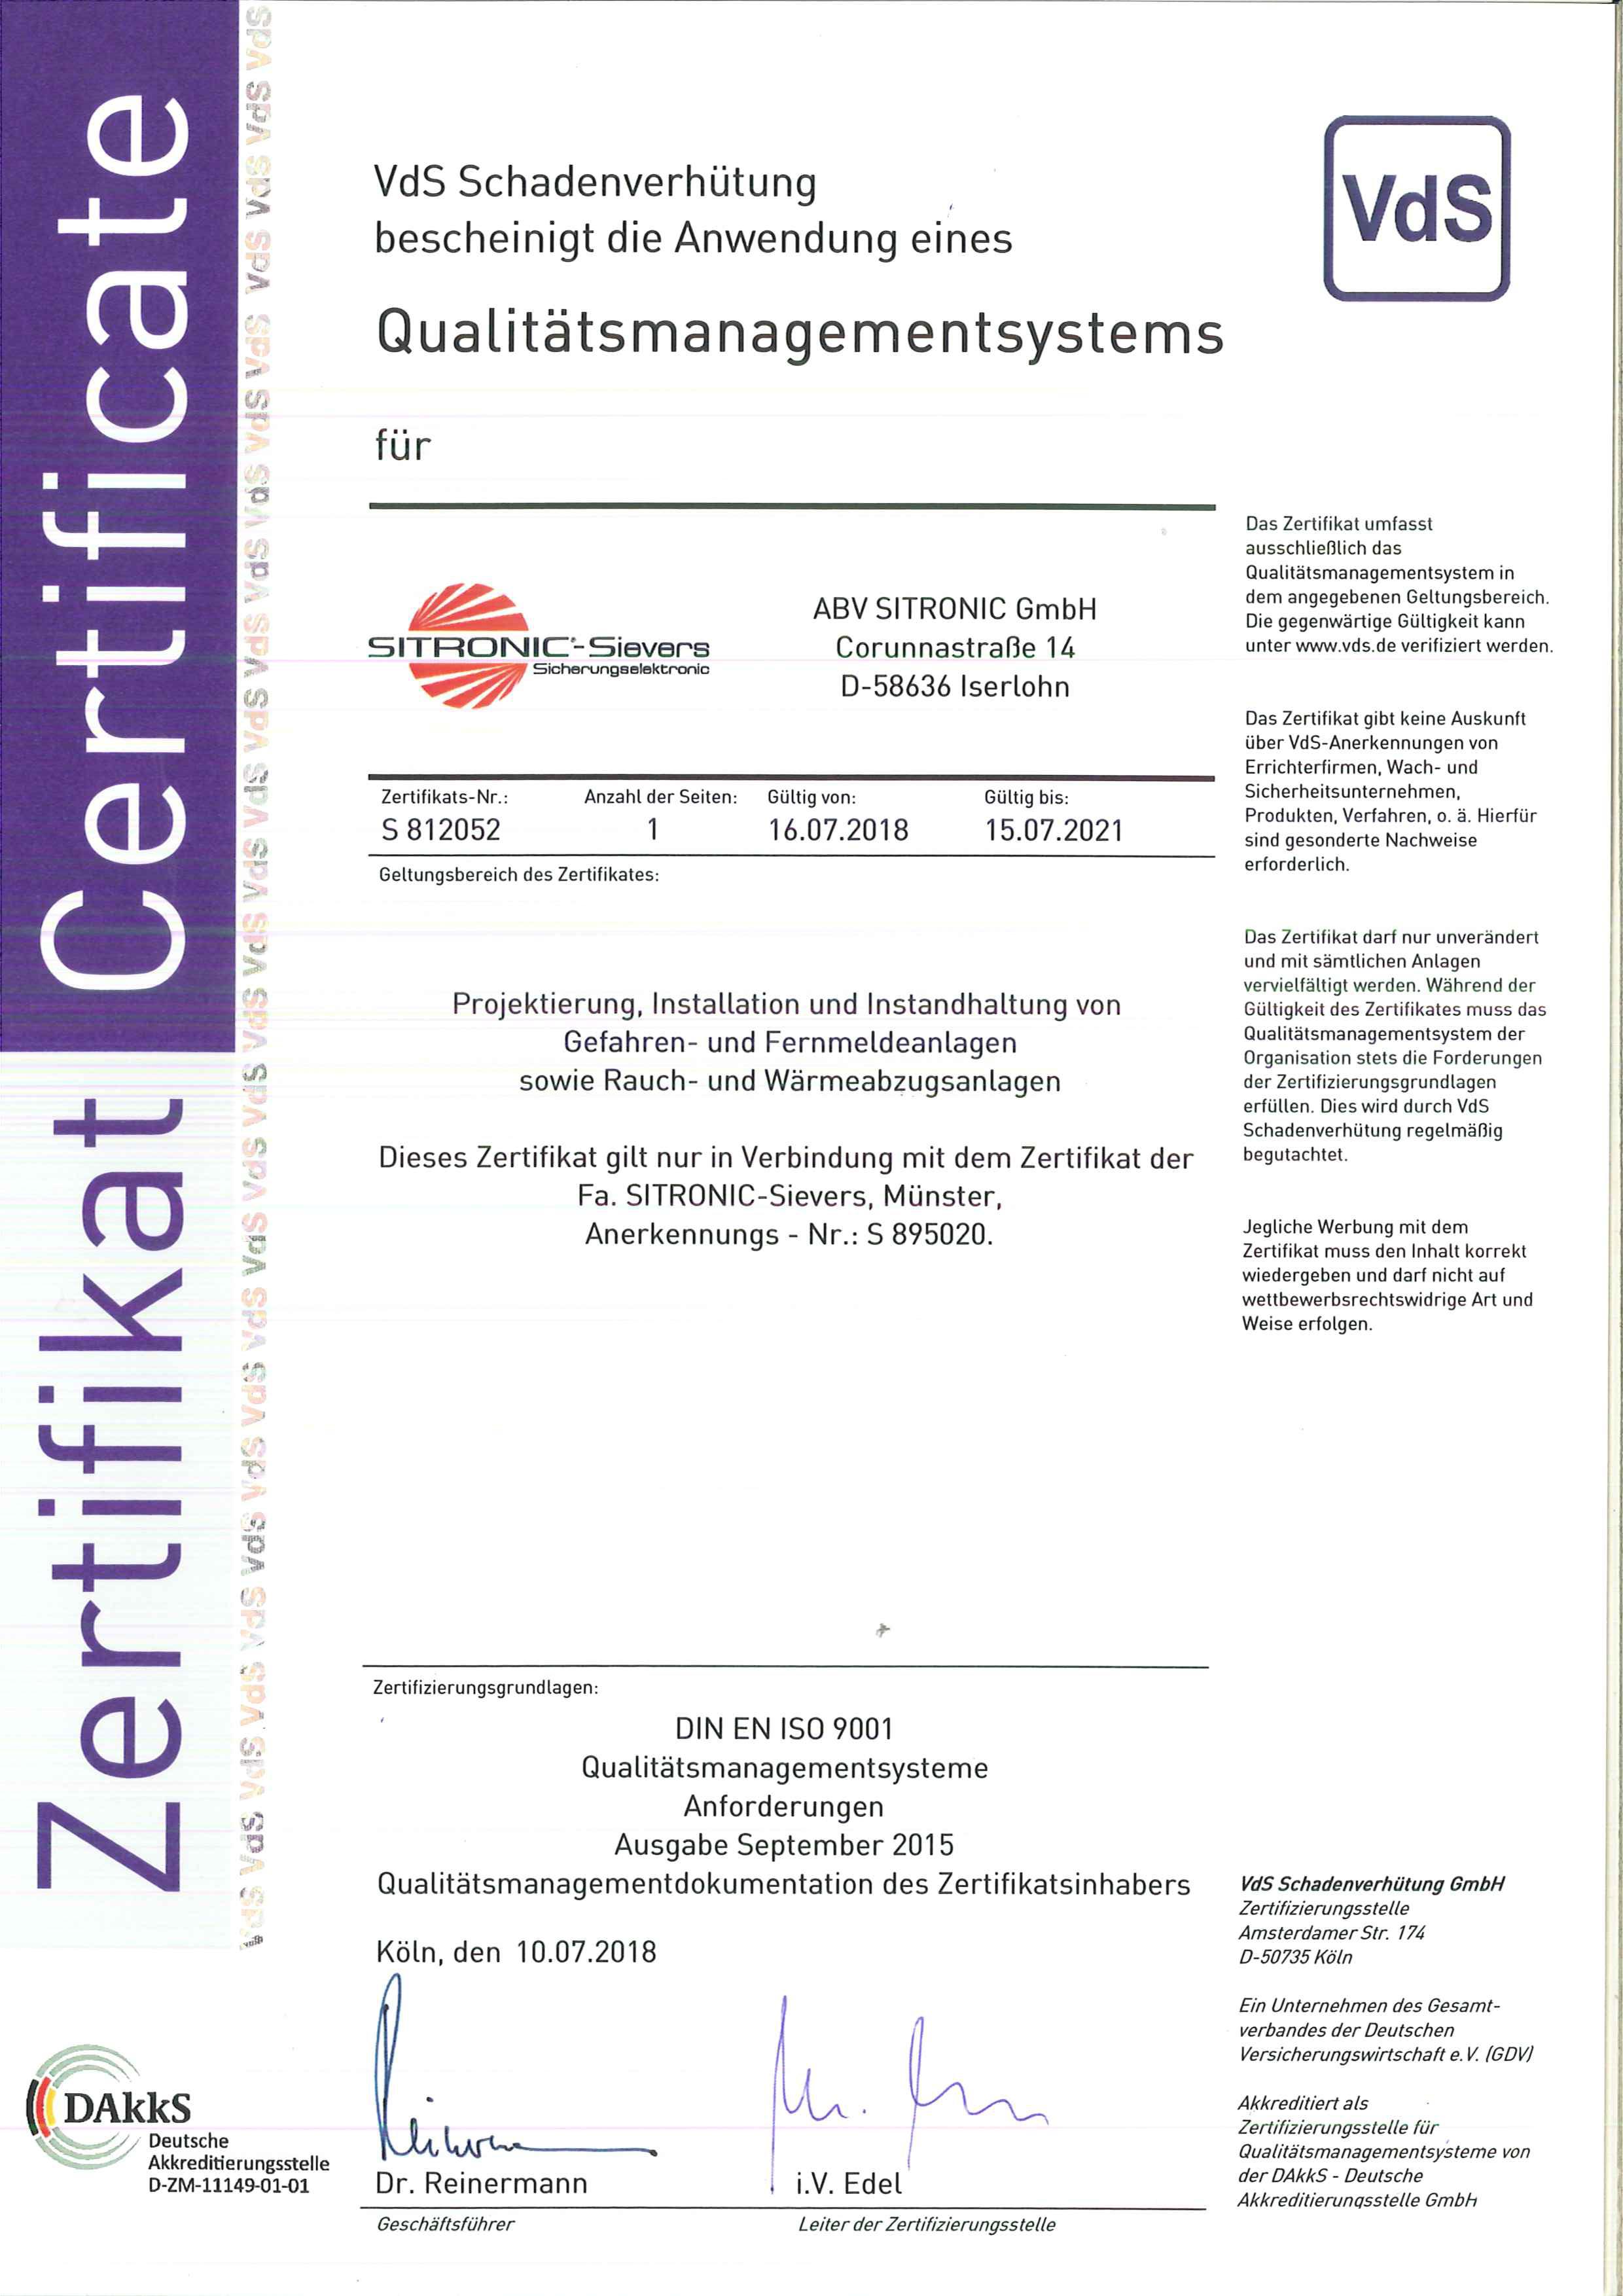 Qualitätsmanagement-System gem. ISO 9001:2008